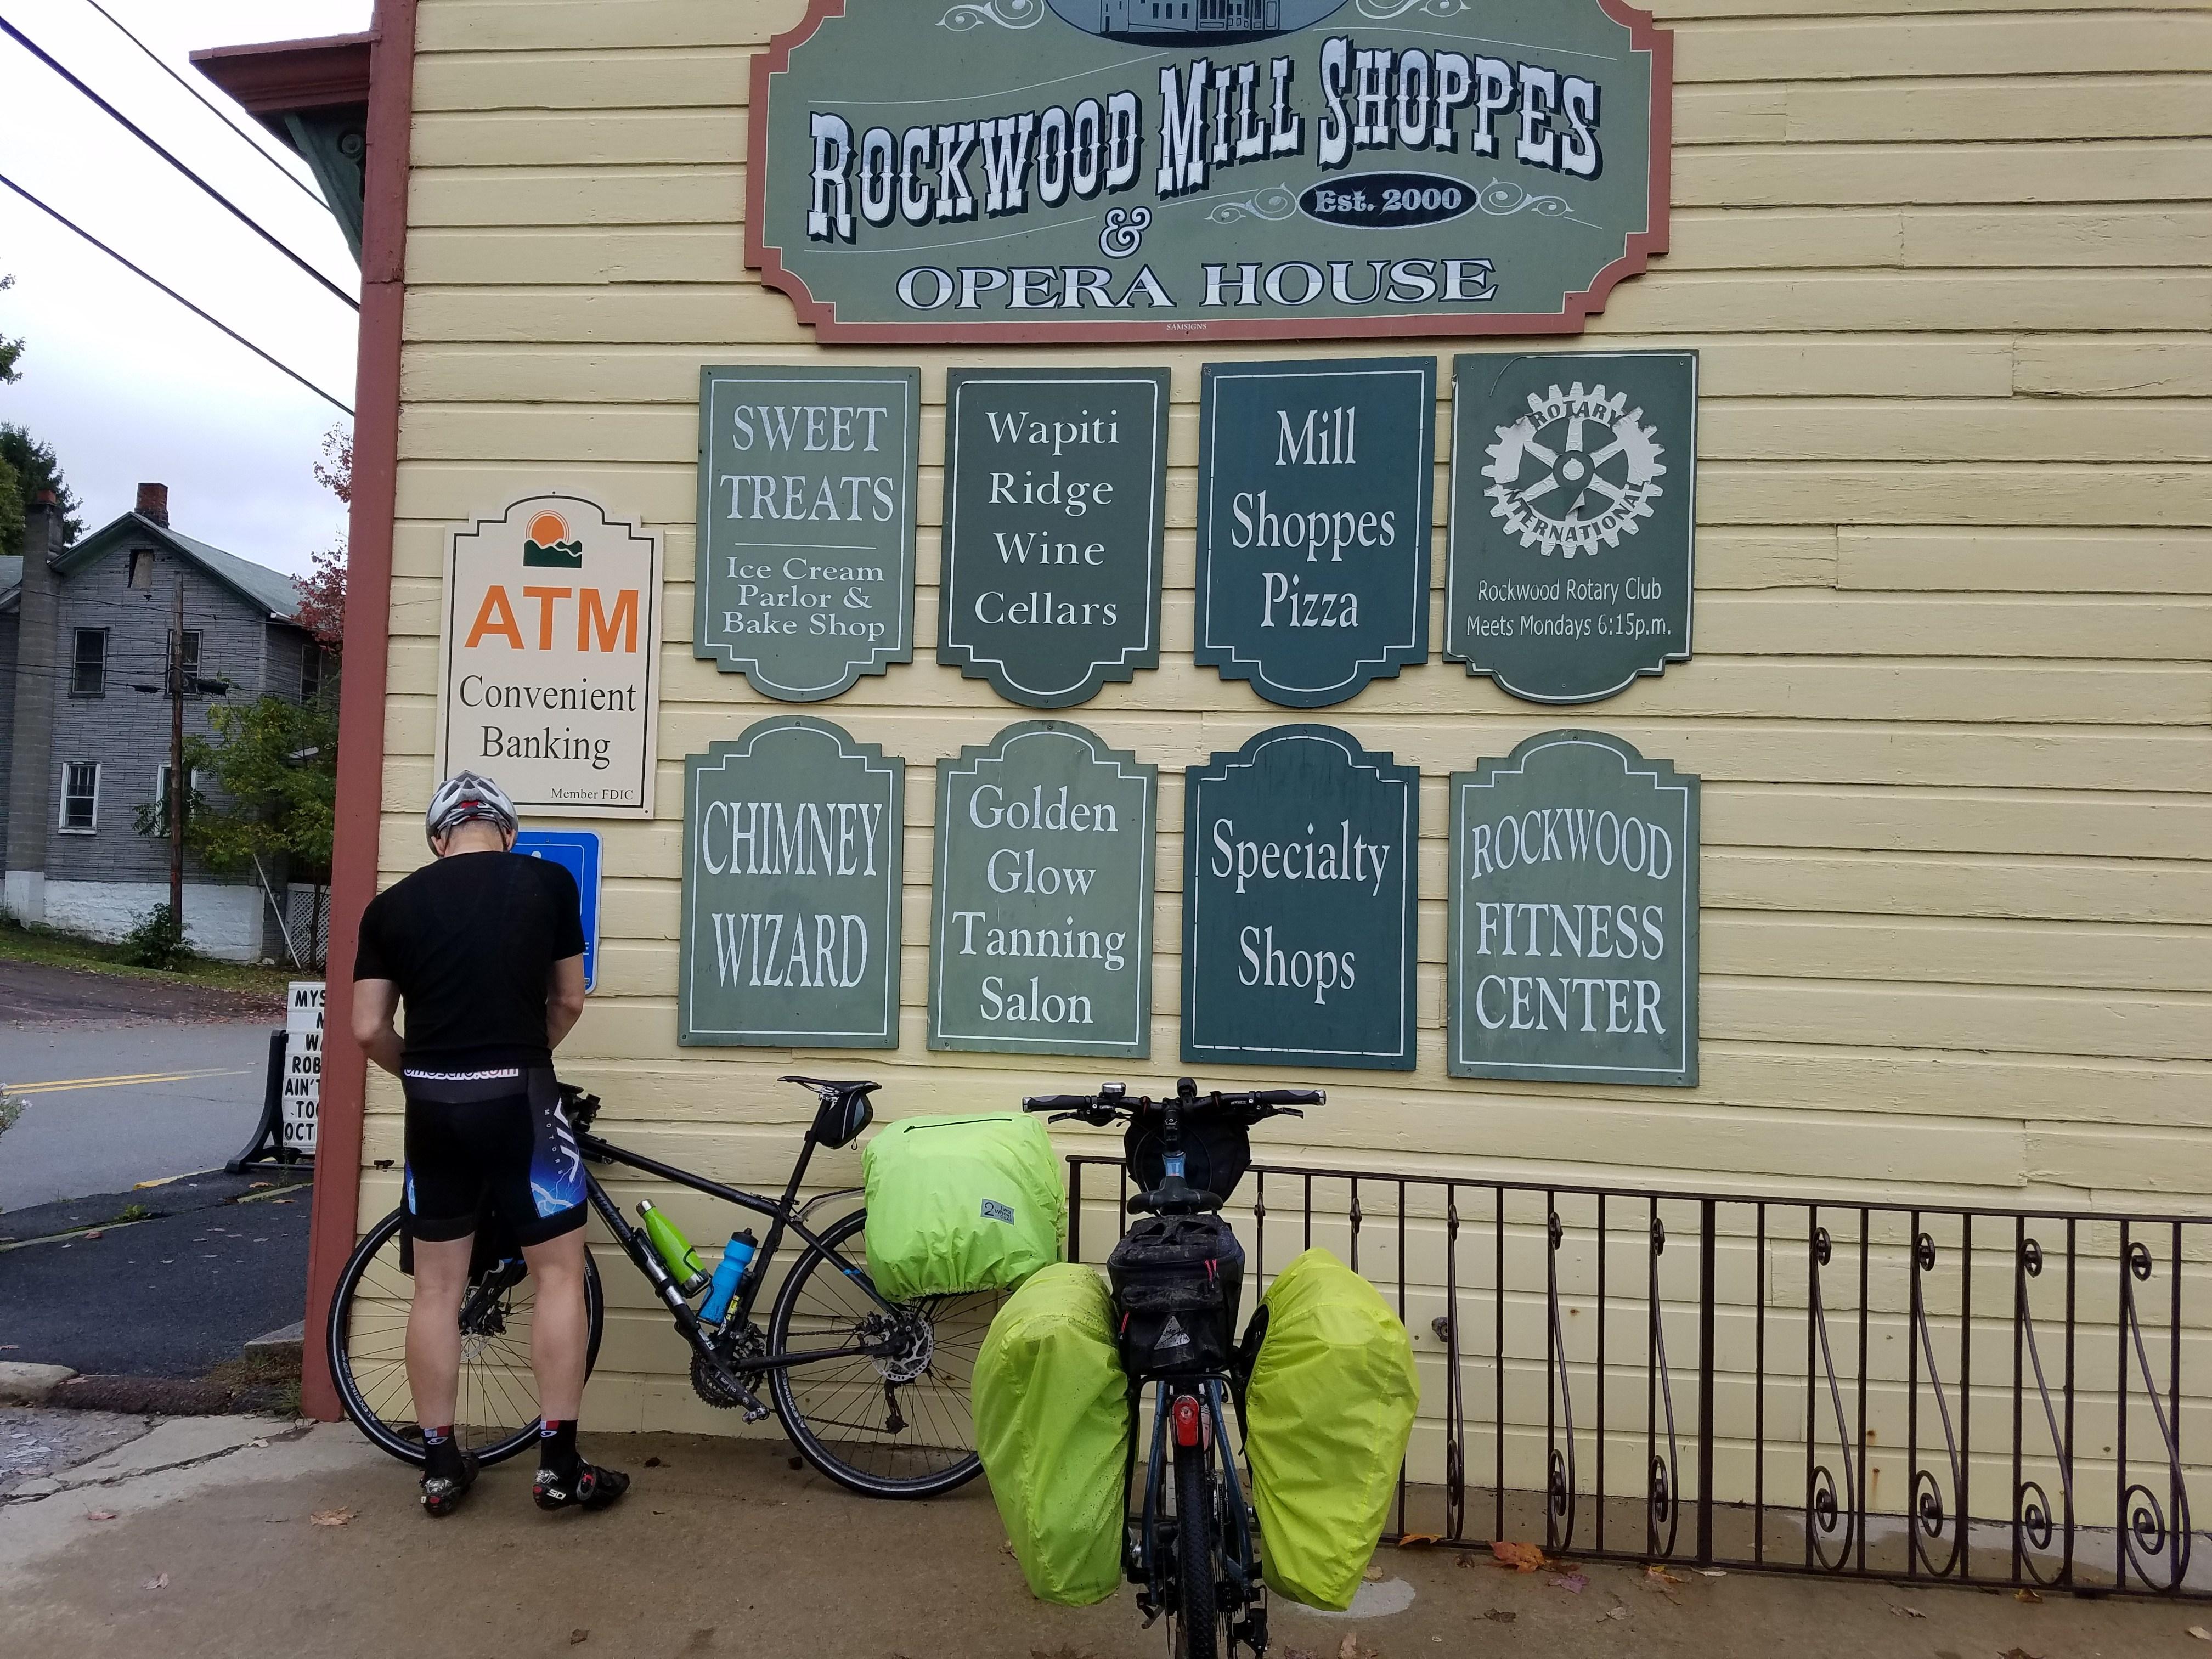 Two Wheel Gear - Garment Pannier Rain Cover - Bike Tour